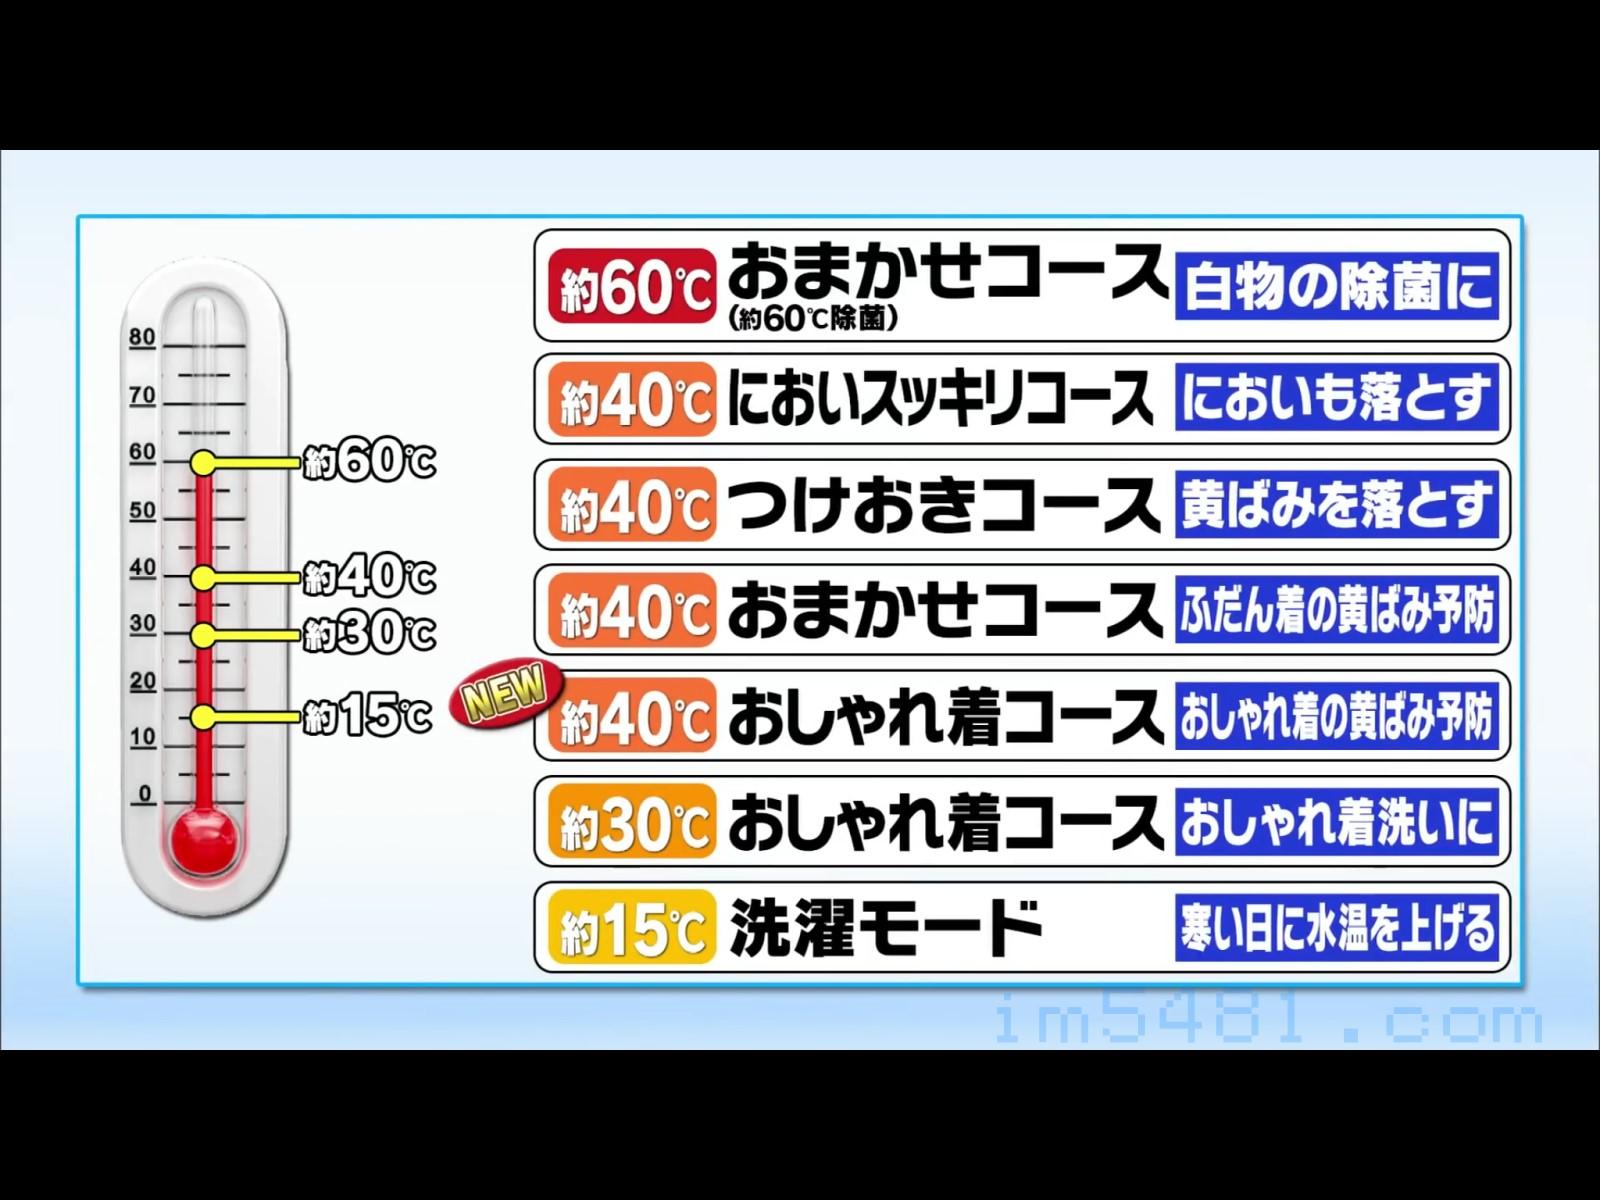 日本洗衣機常常標榜的各種水溫的洗衣效果,但60度水溫對於納豆菌或枯草菌是無法有效殺菌的。